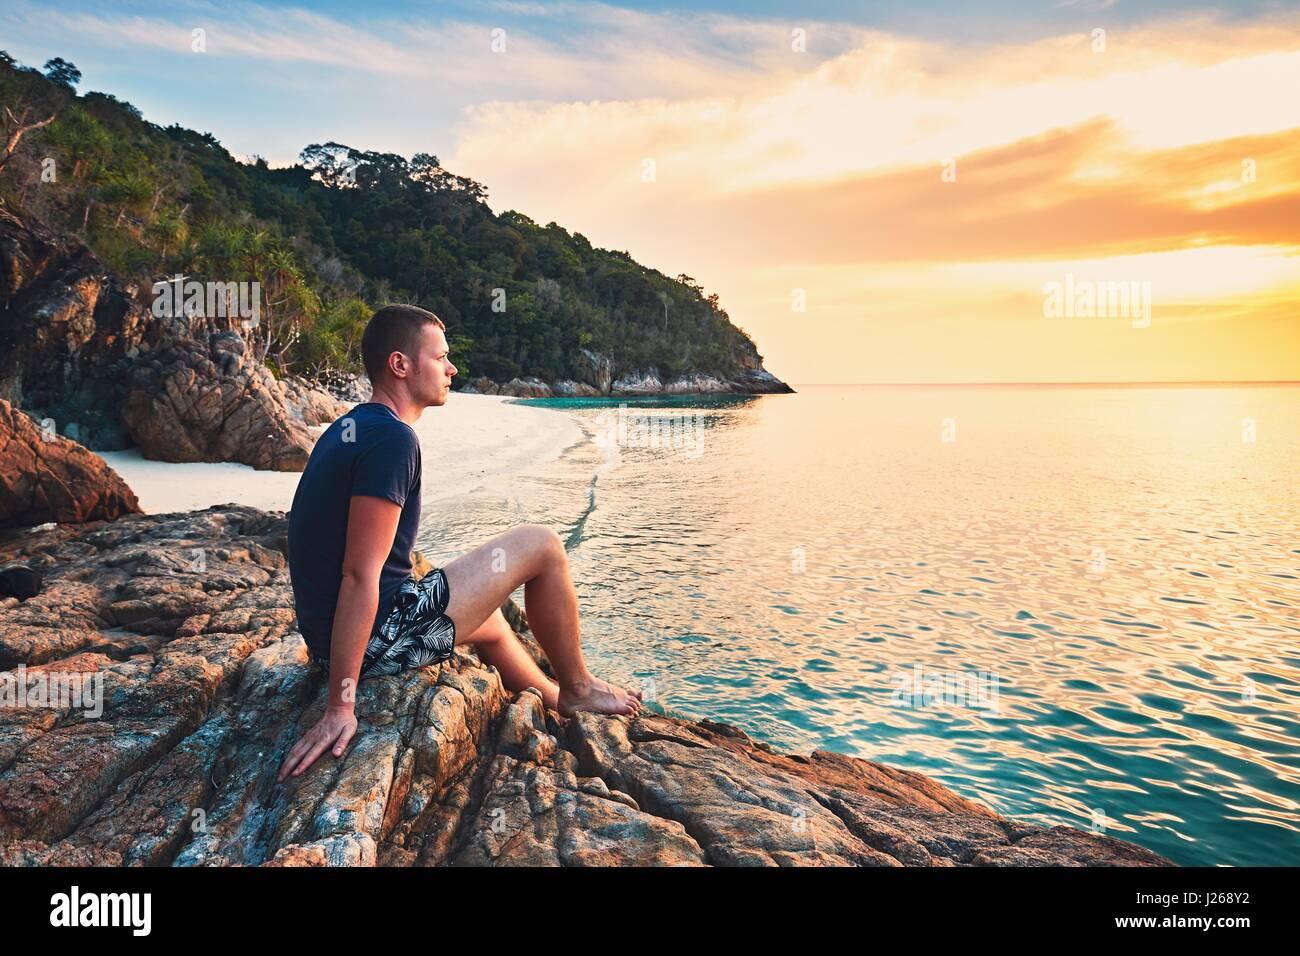 La contemplación en el atardecer. Solo joven en la hermosa playa de arena. Imagen De Stock